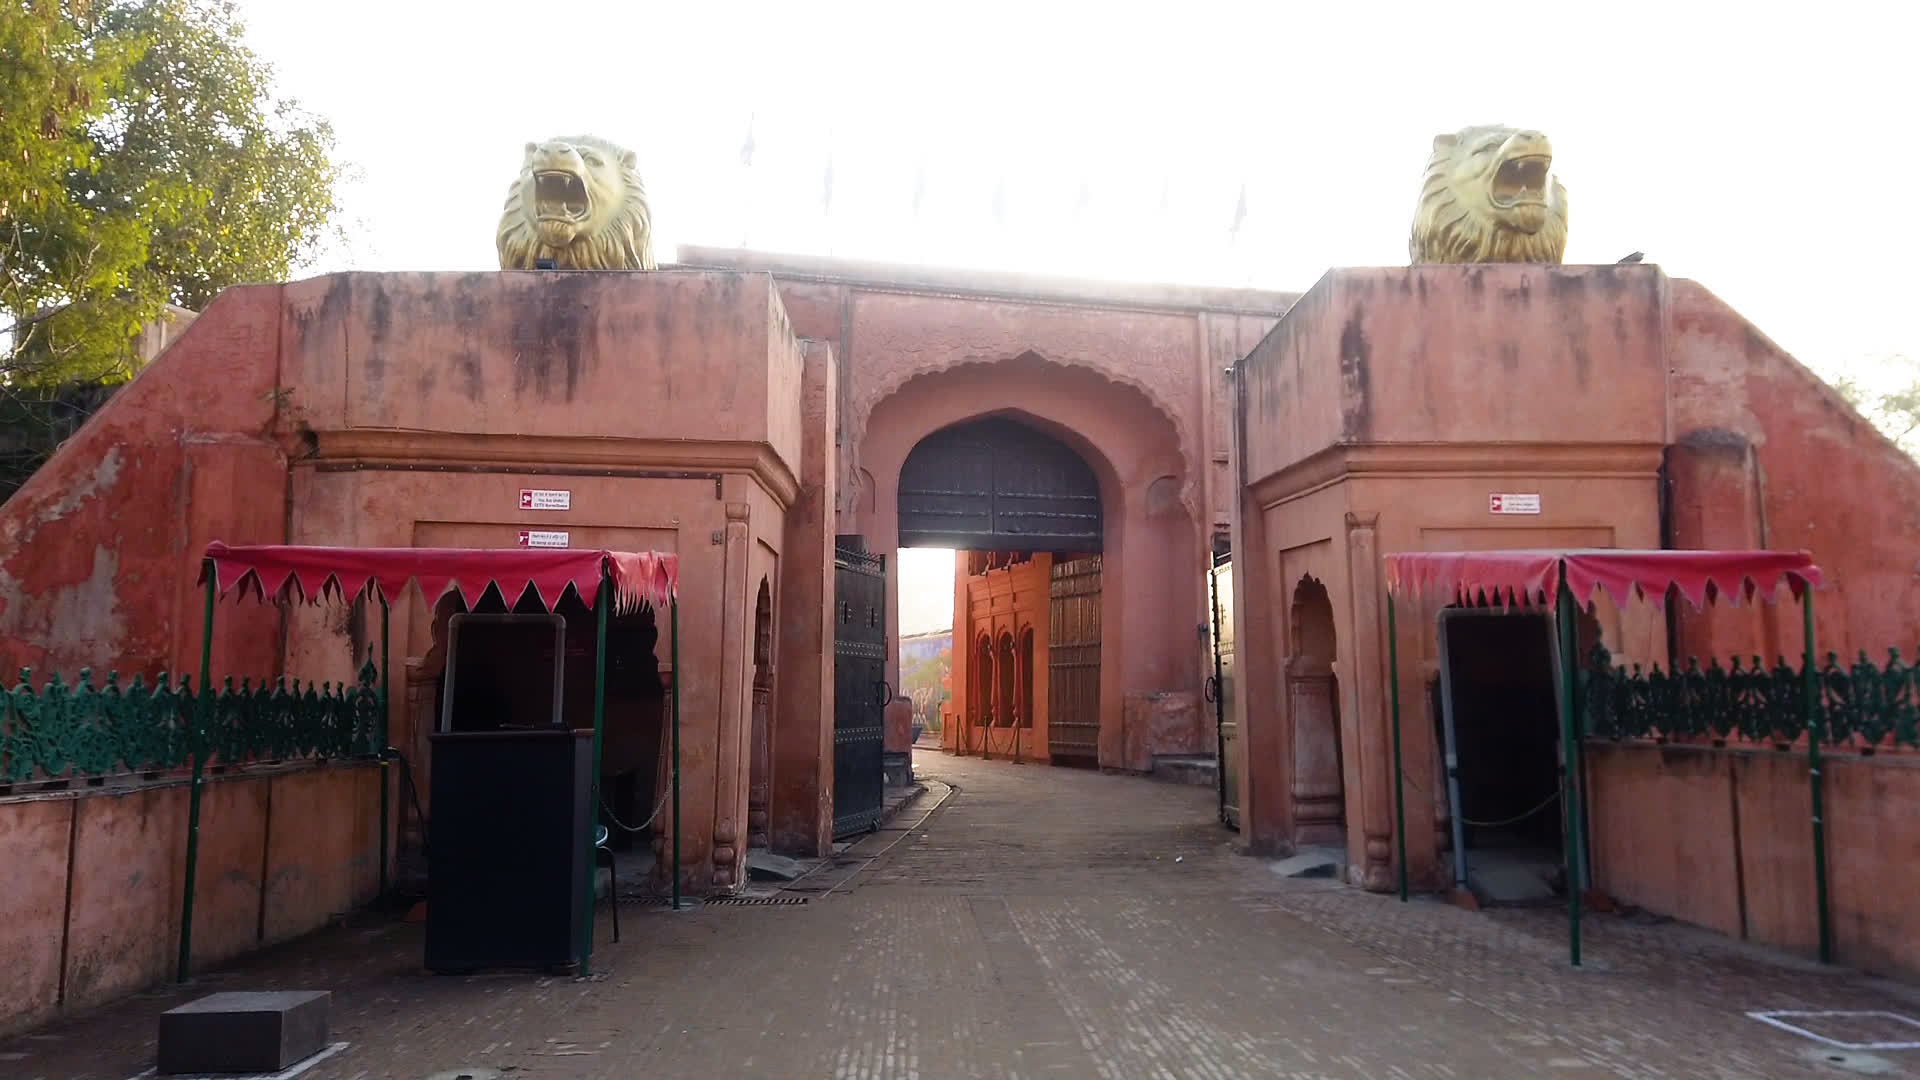 Gobindgarh Fort: Bastion of the Sikh Empire